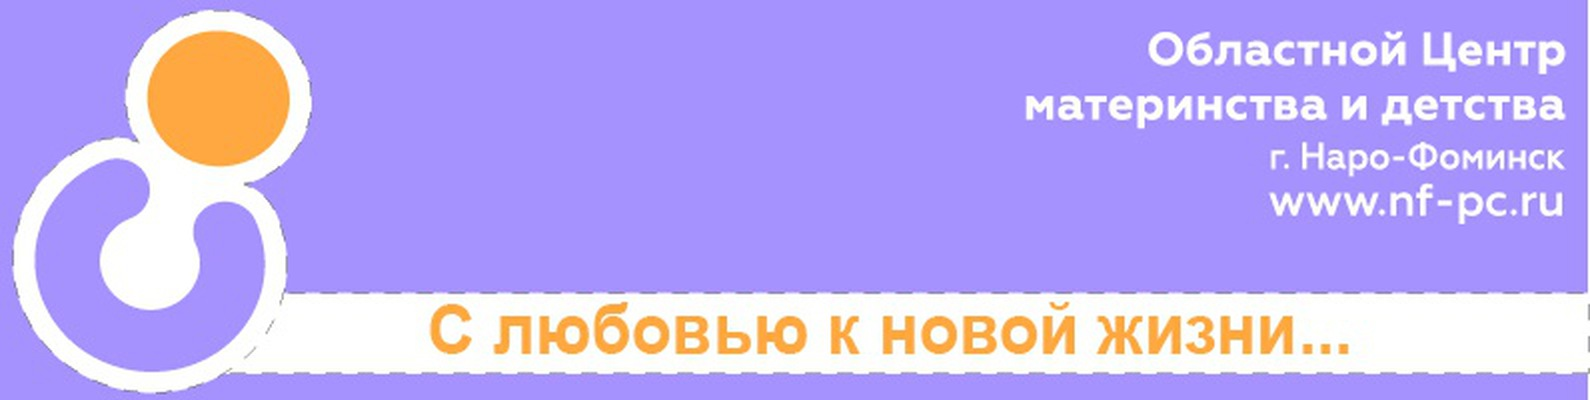 Заказать справку о беременности Наро Фоминск